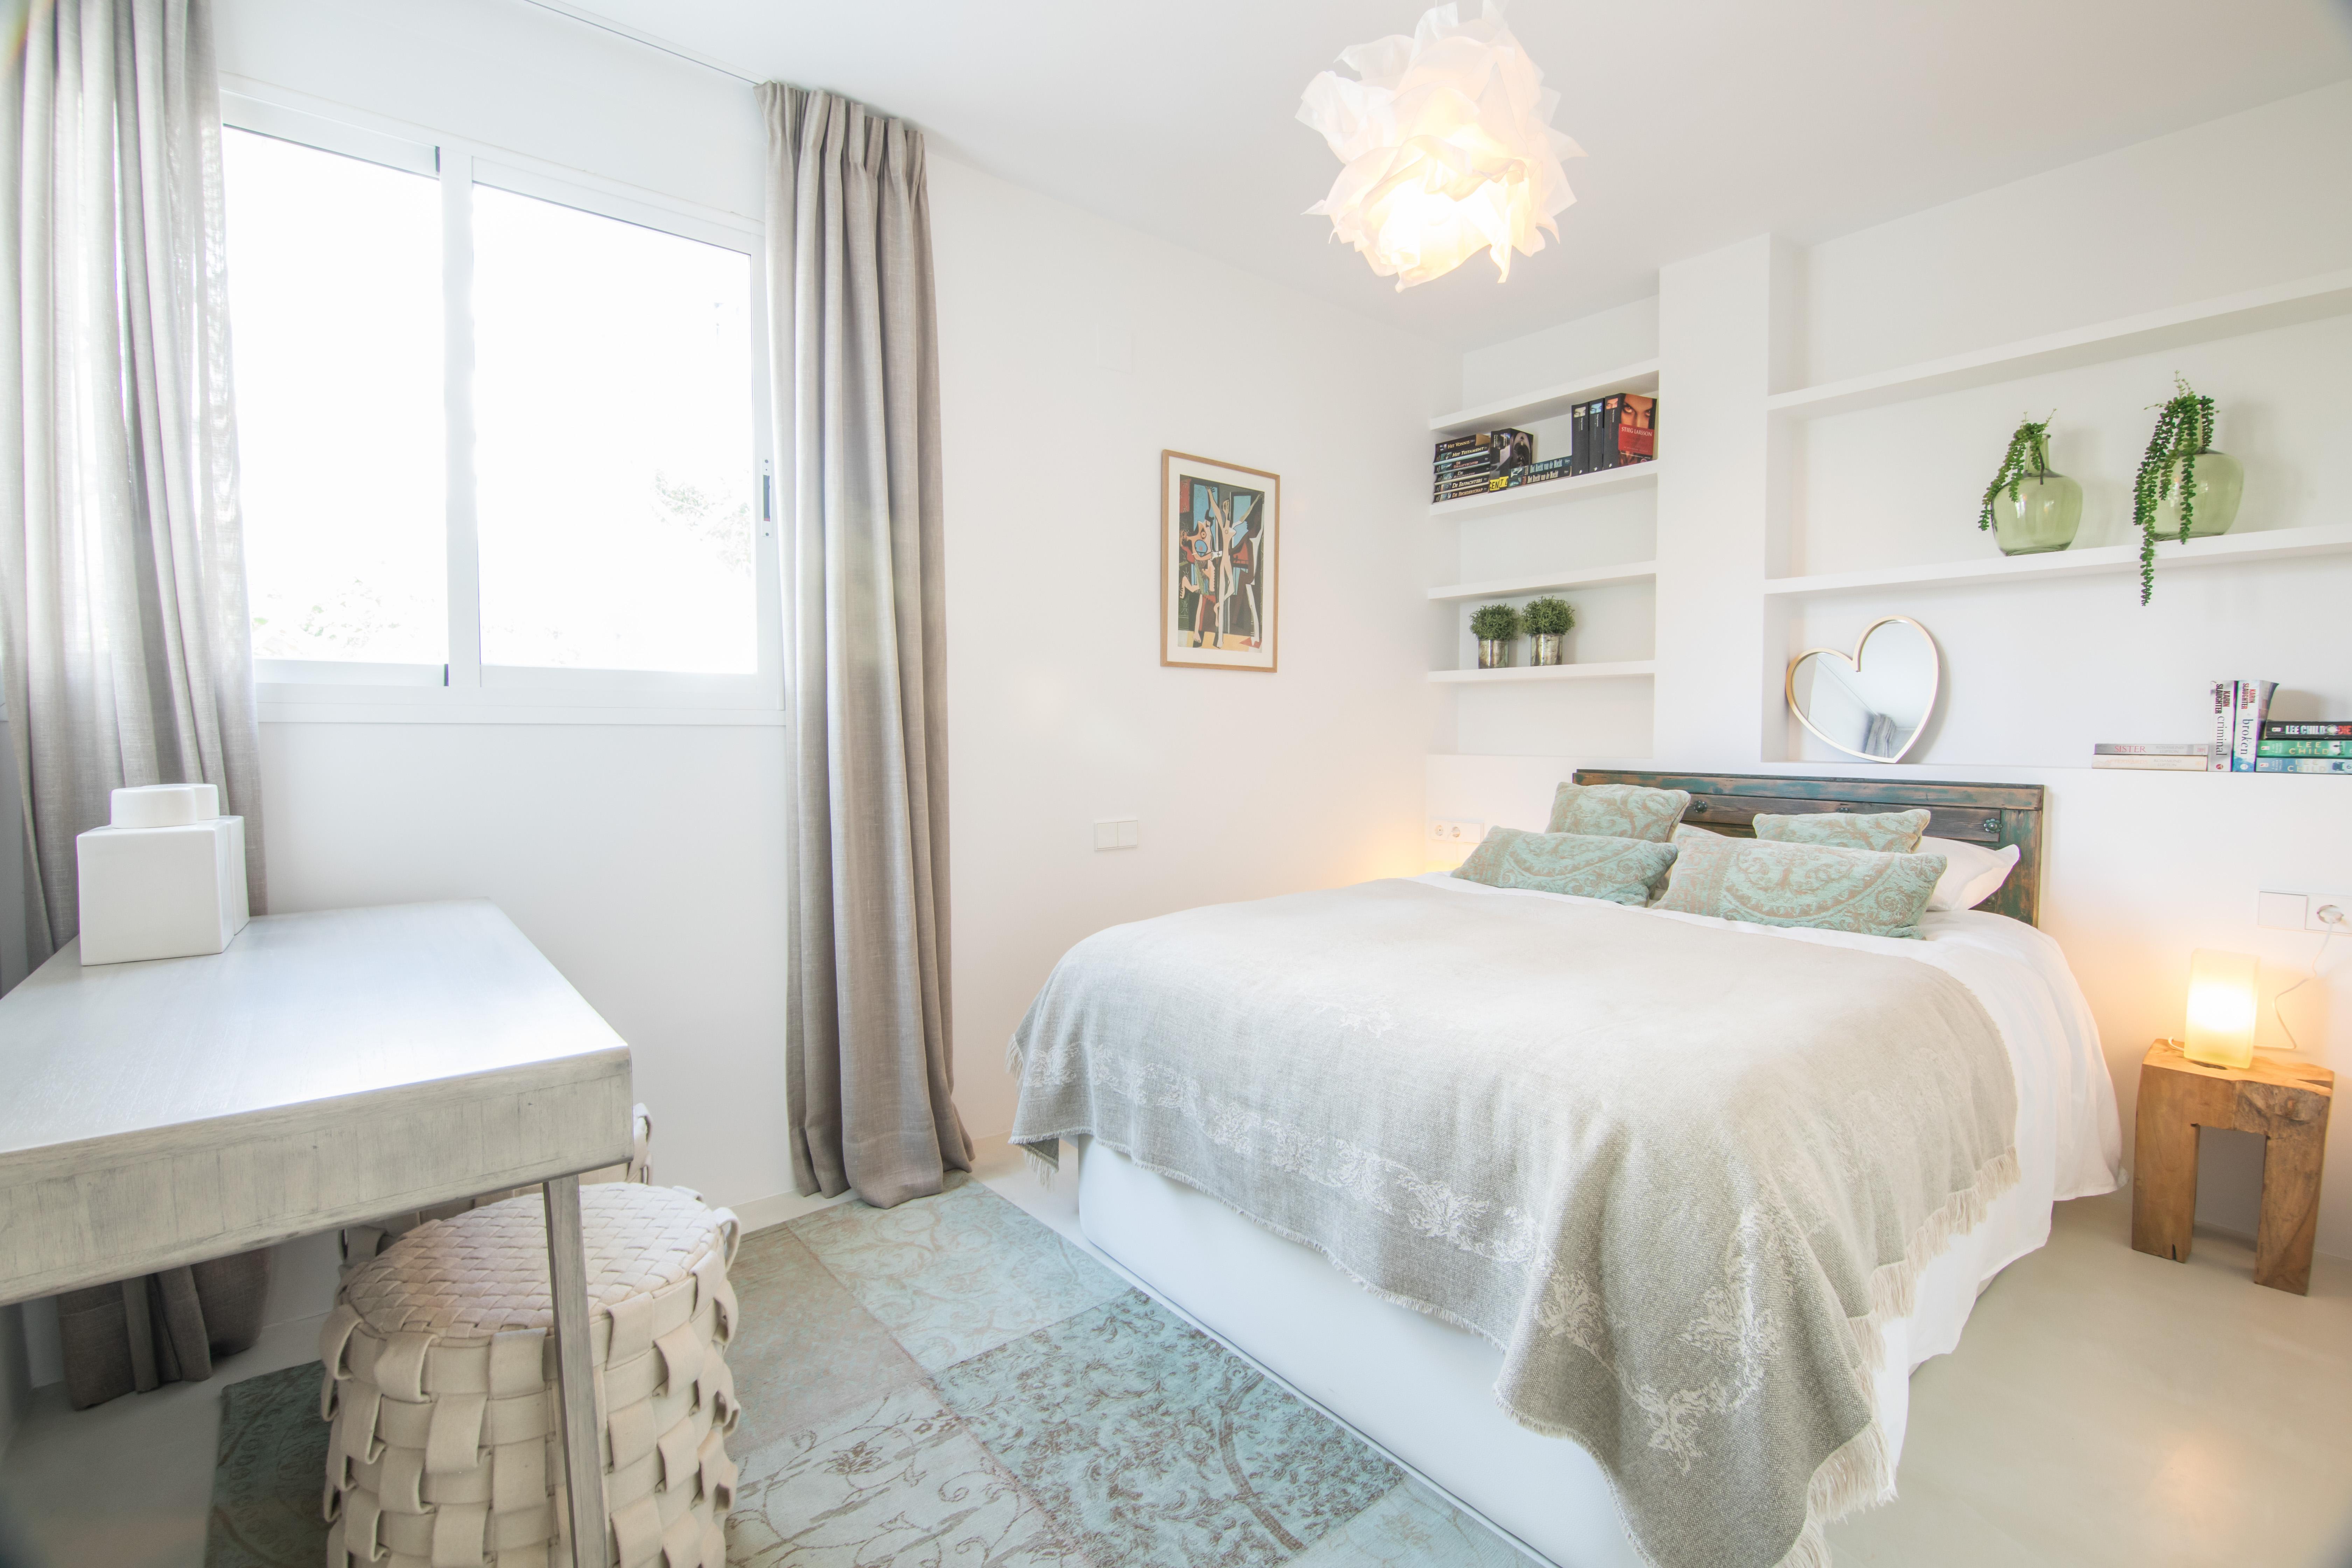 Sypialnia z podłogą z szarego mikrocementu Topciment